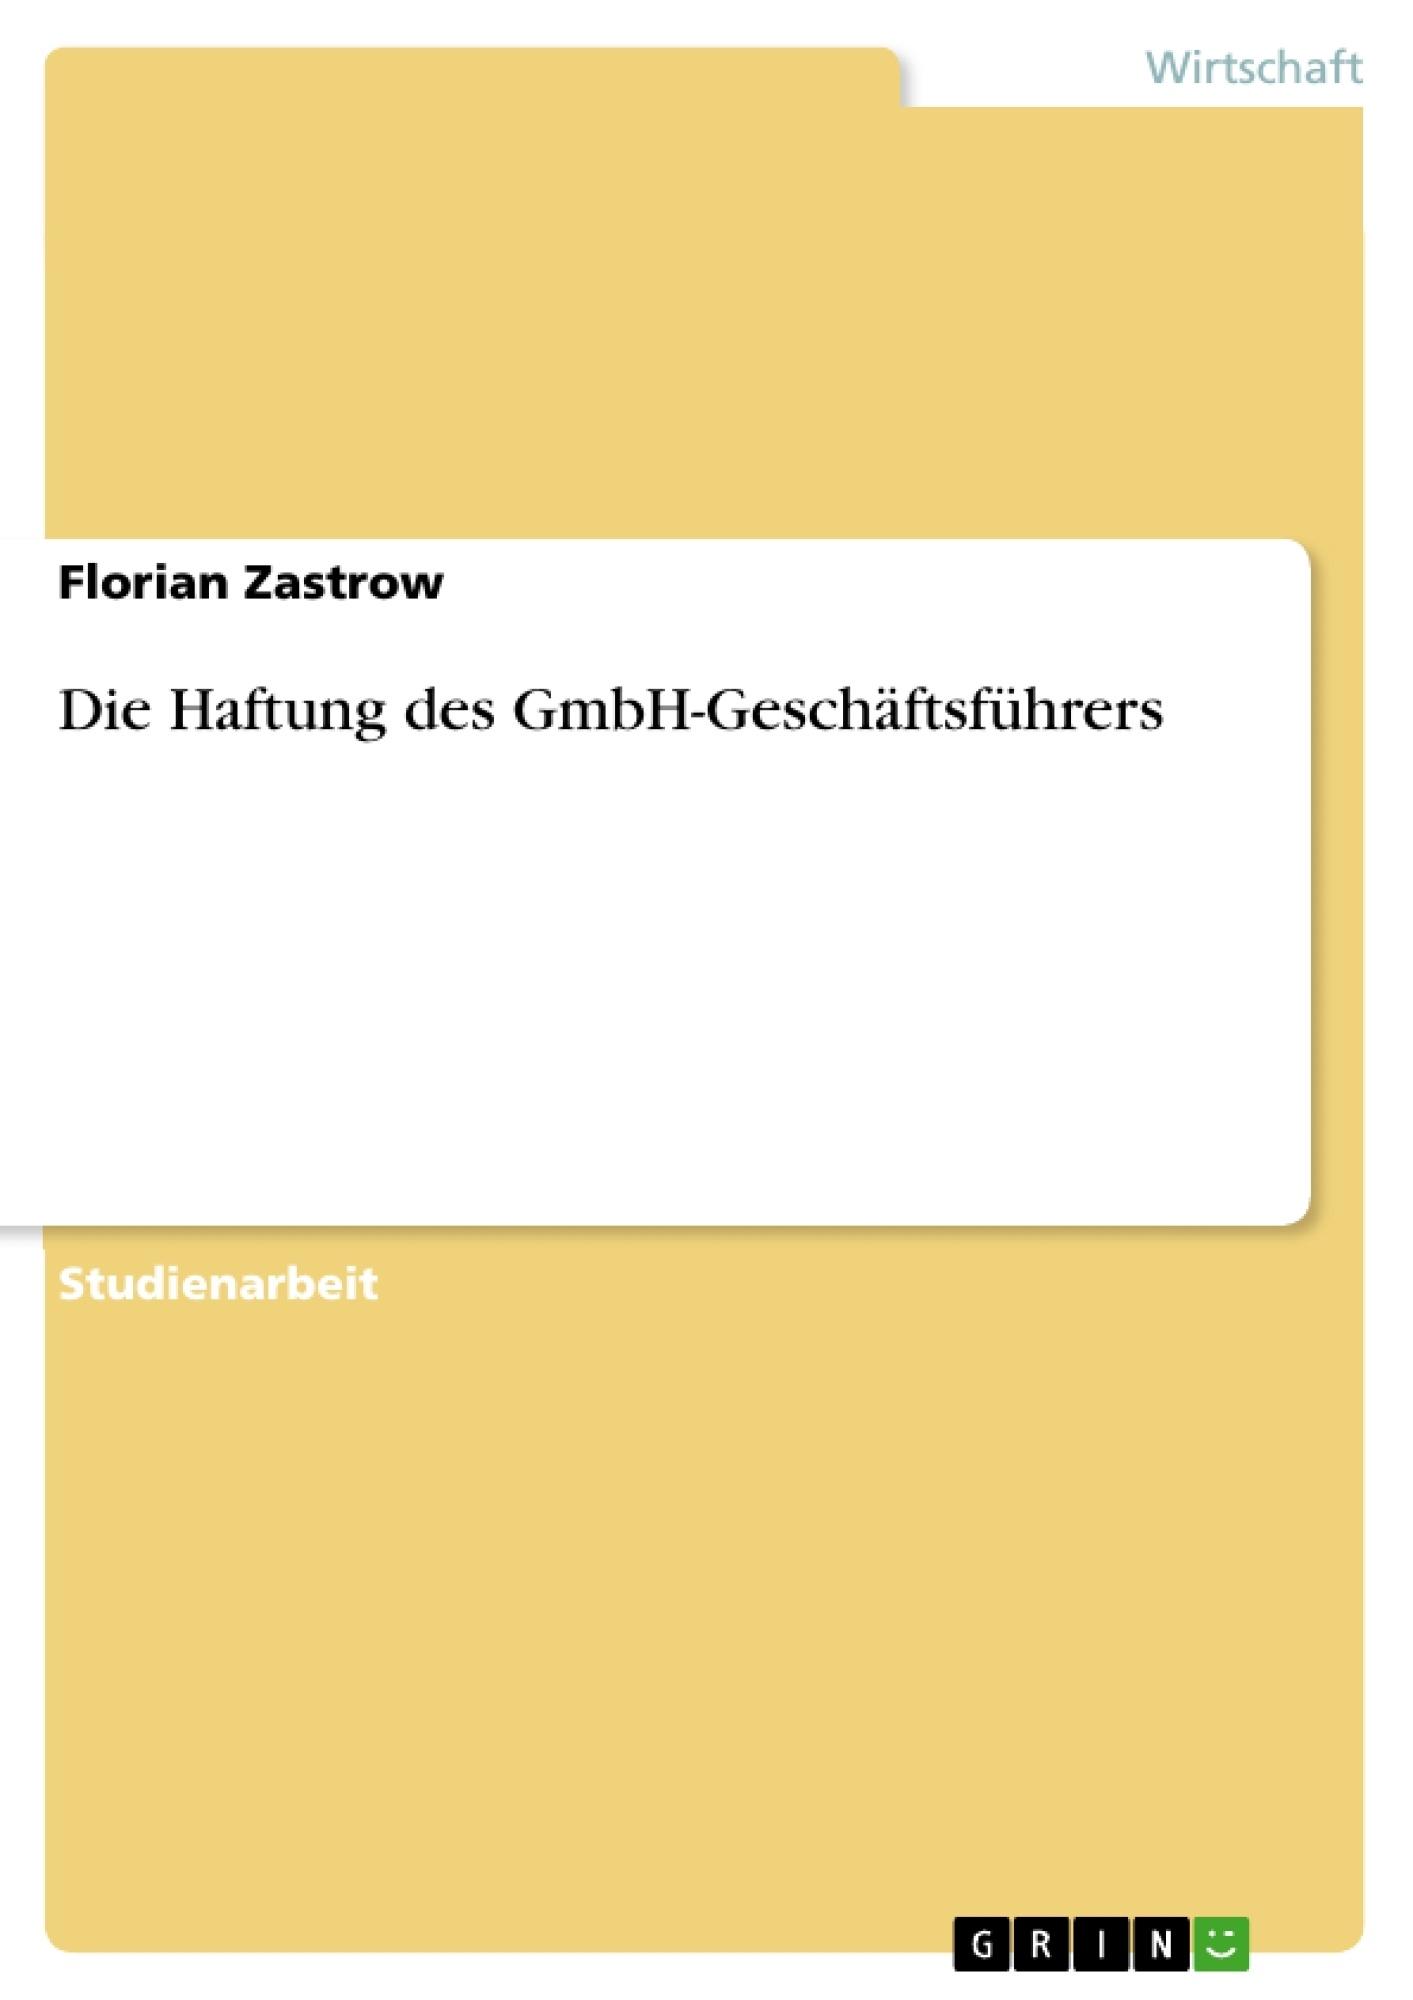 Titel: Die Haftung des GmbH-Geschäftsführers